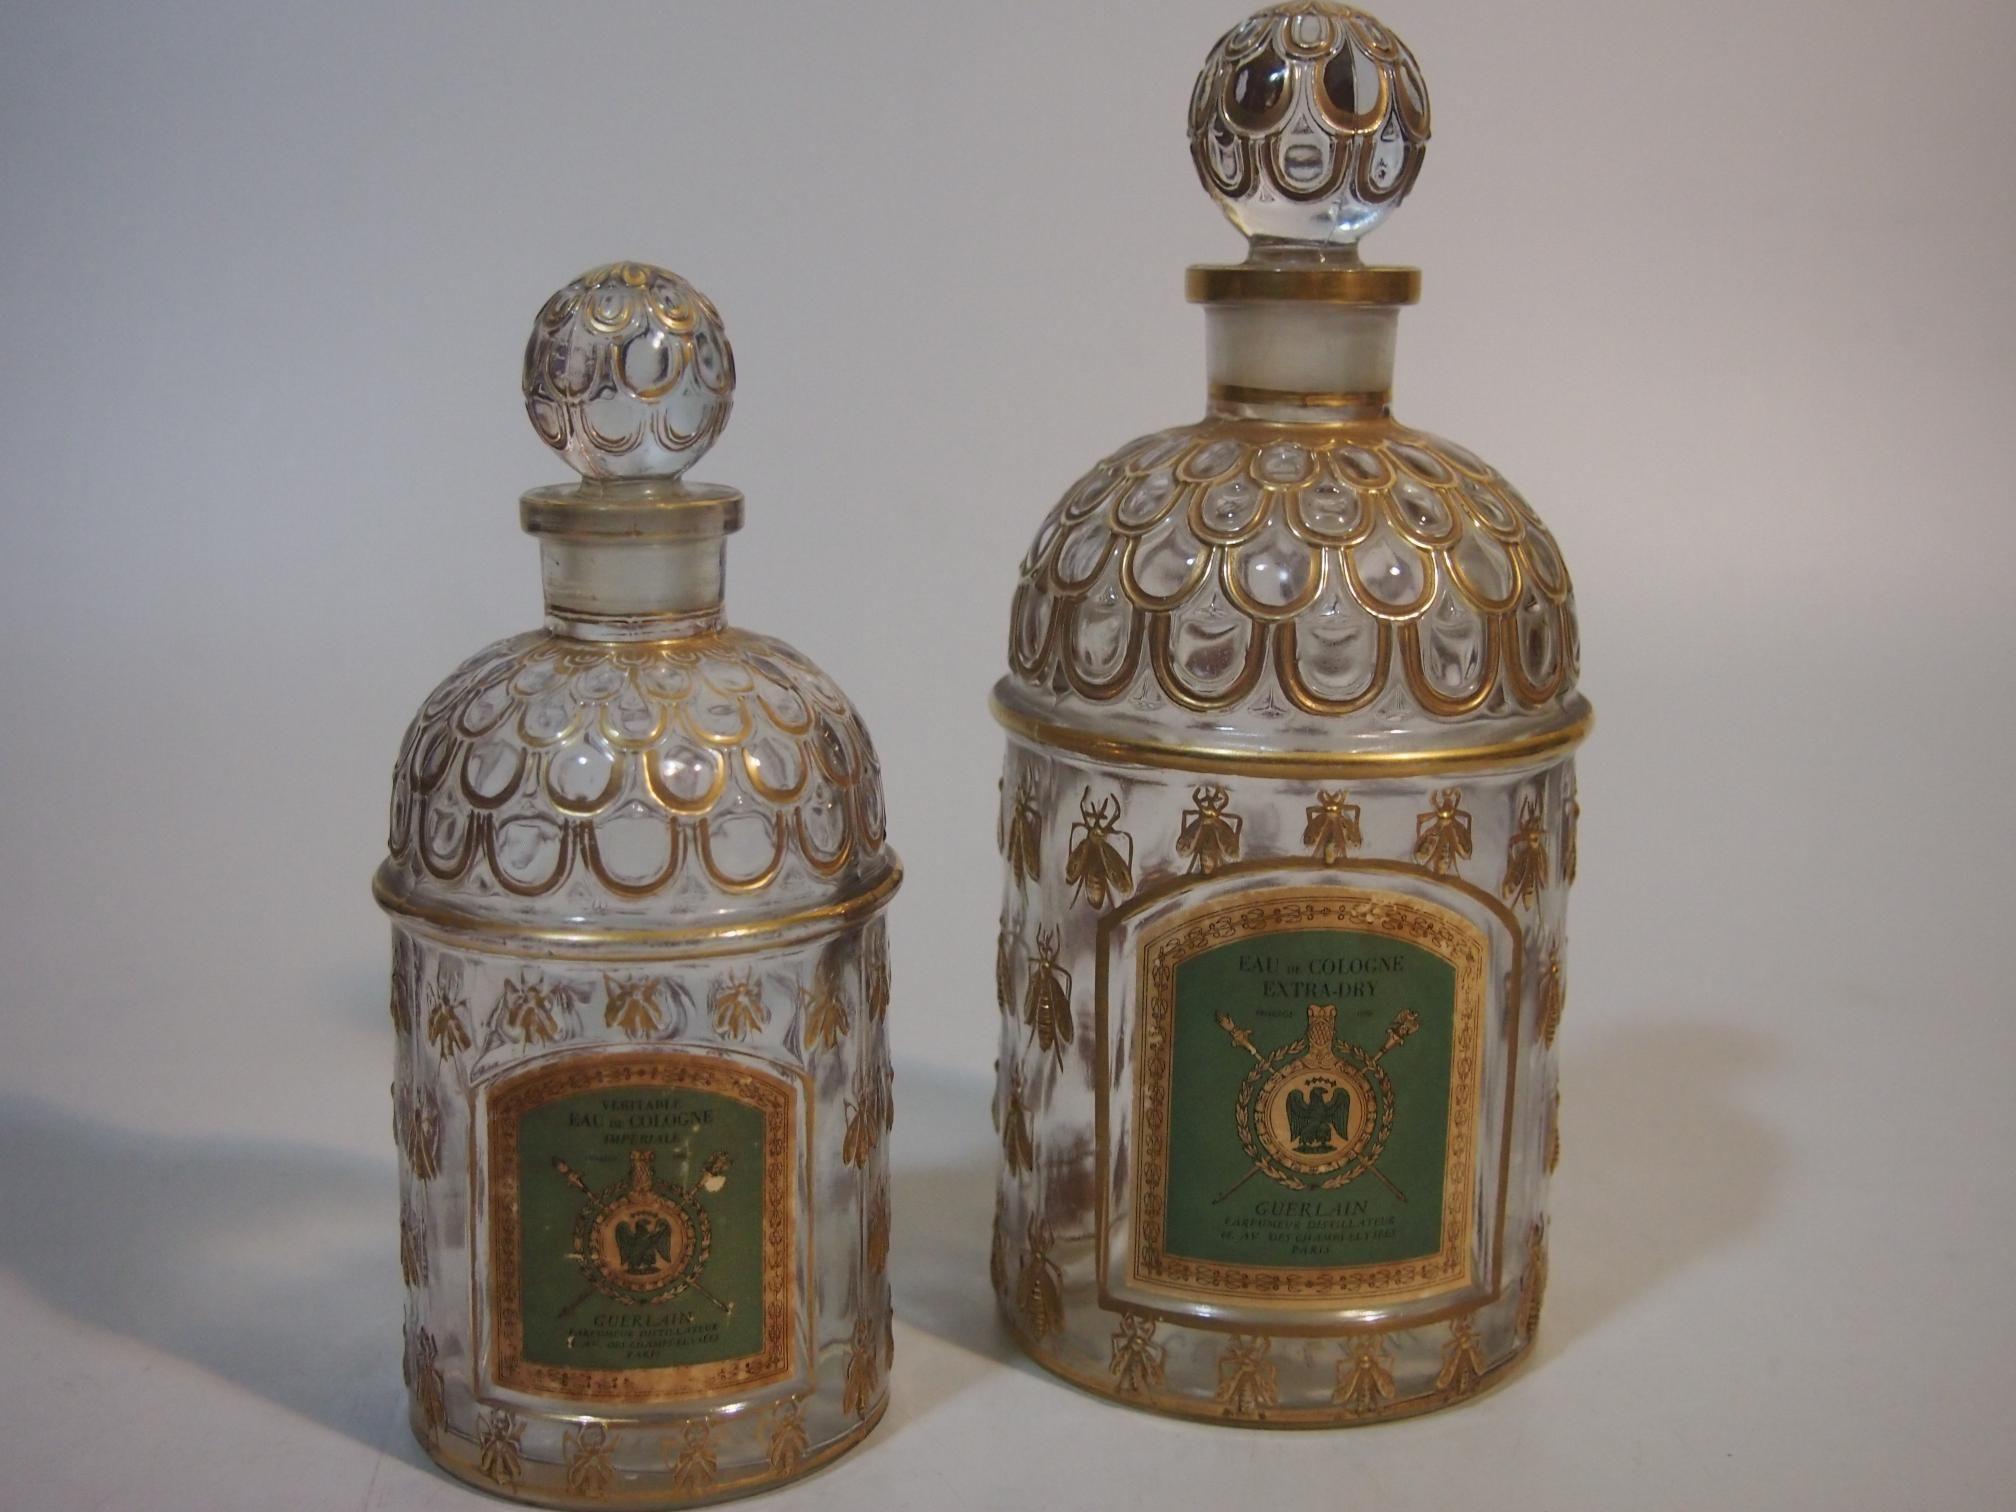 Parfum Vaporisateur Guerlain Ancien De Flacon Metal ZTOkuiXwPl